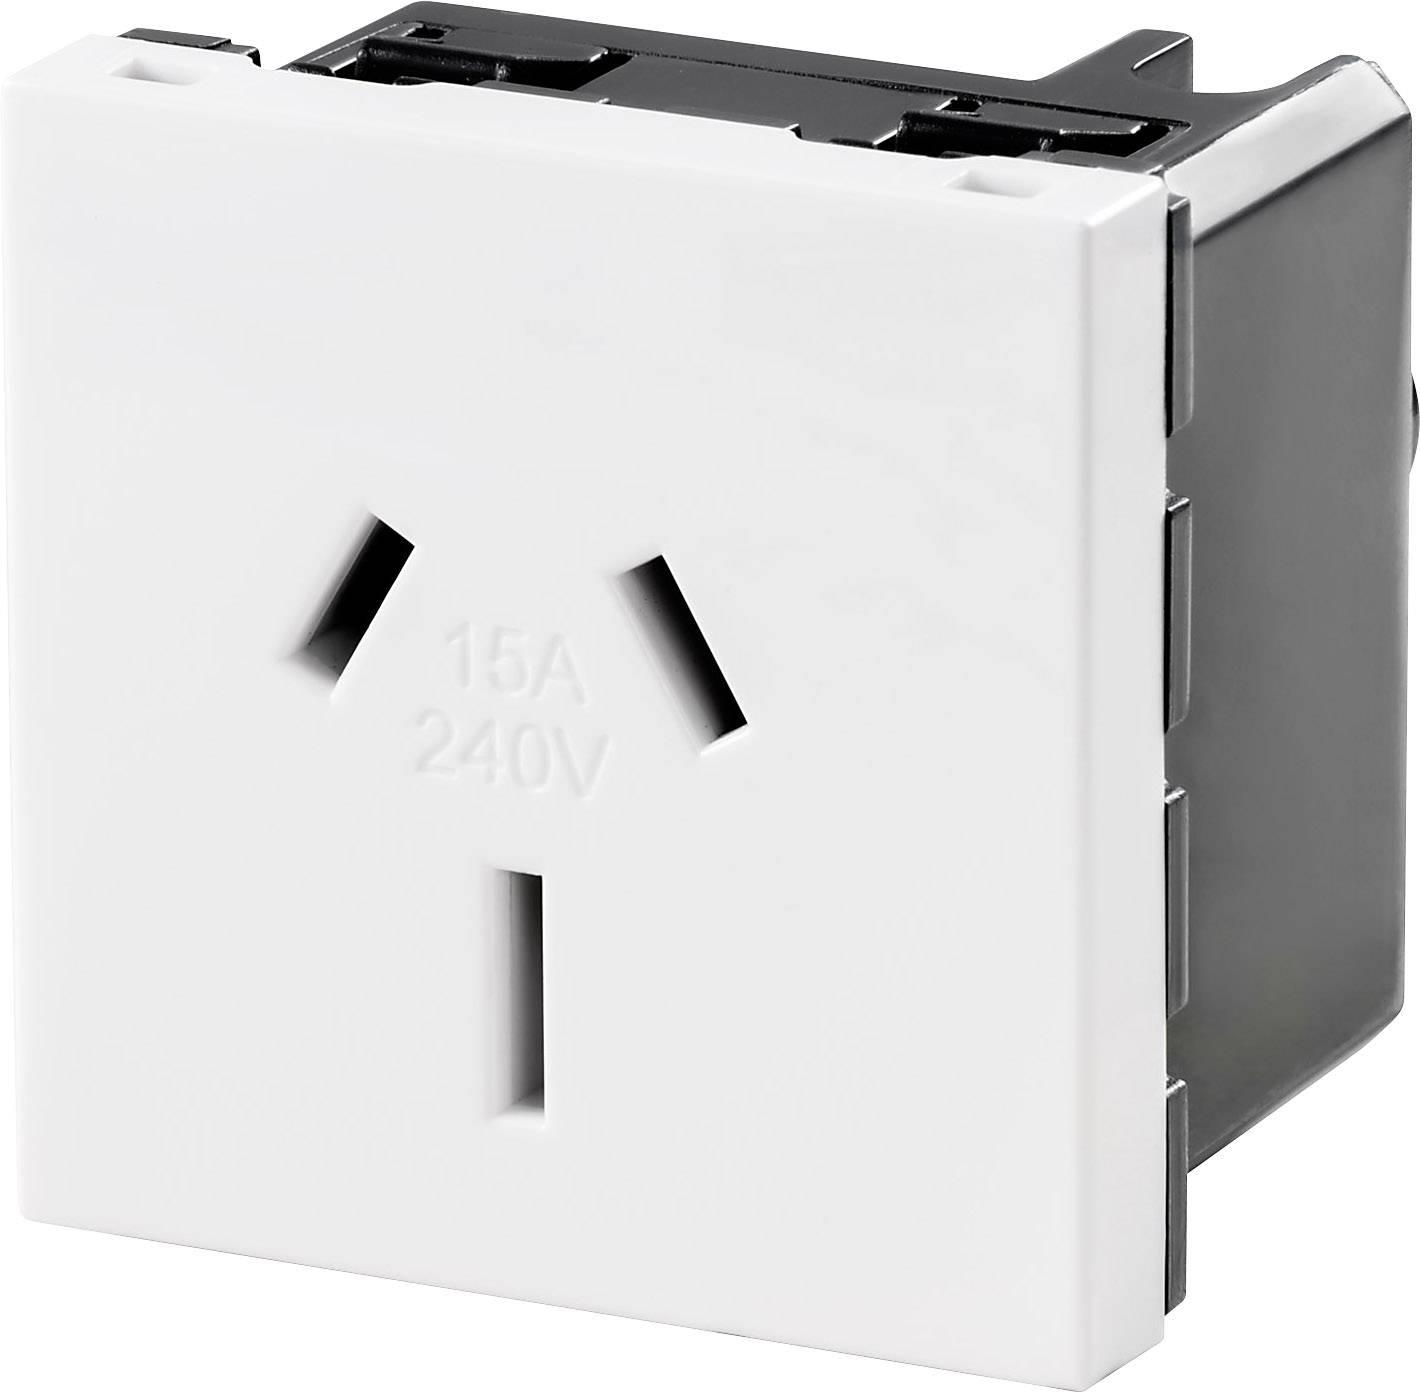 FrontCom® použití Power velký, zásuvka, AU Použití Power velké IE-FCI-PWB-AU Weidmüller Množství: 1 ks